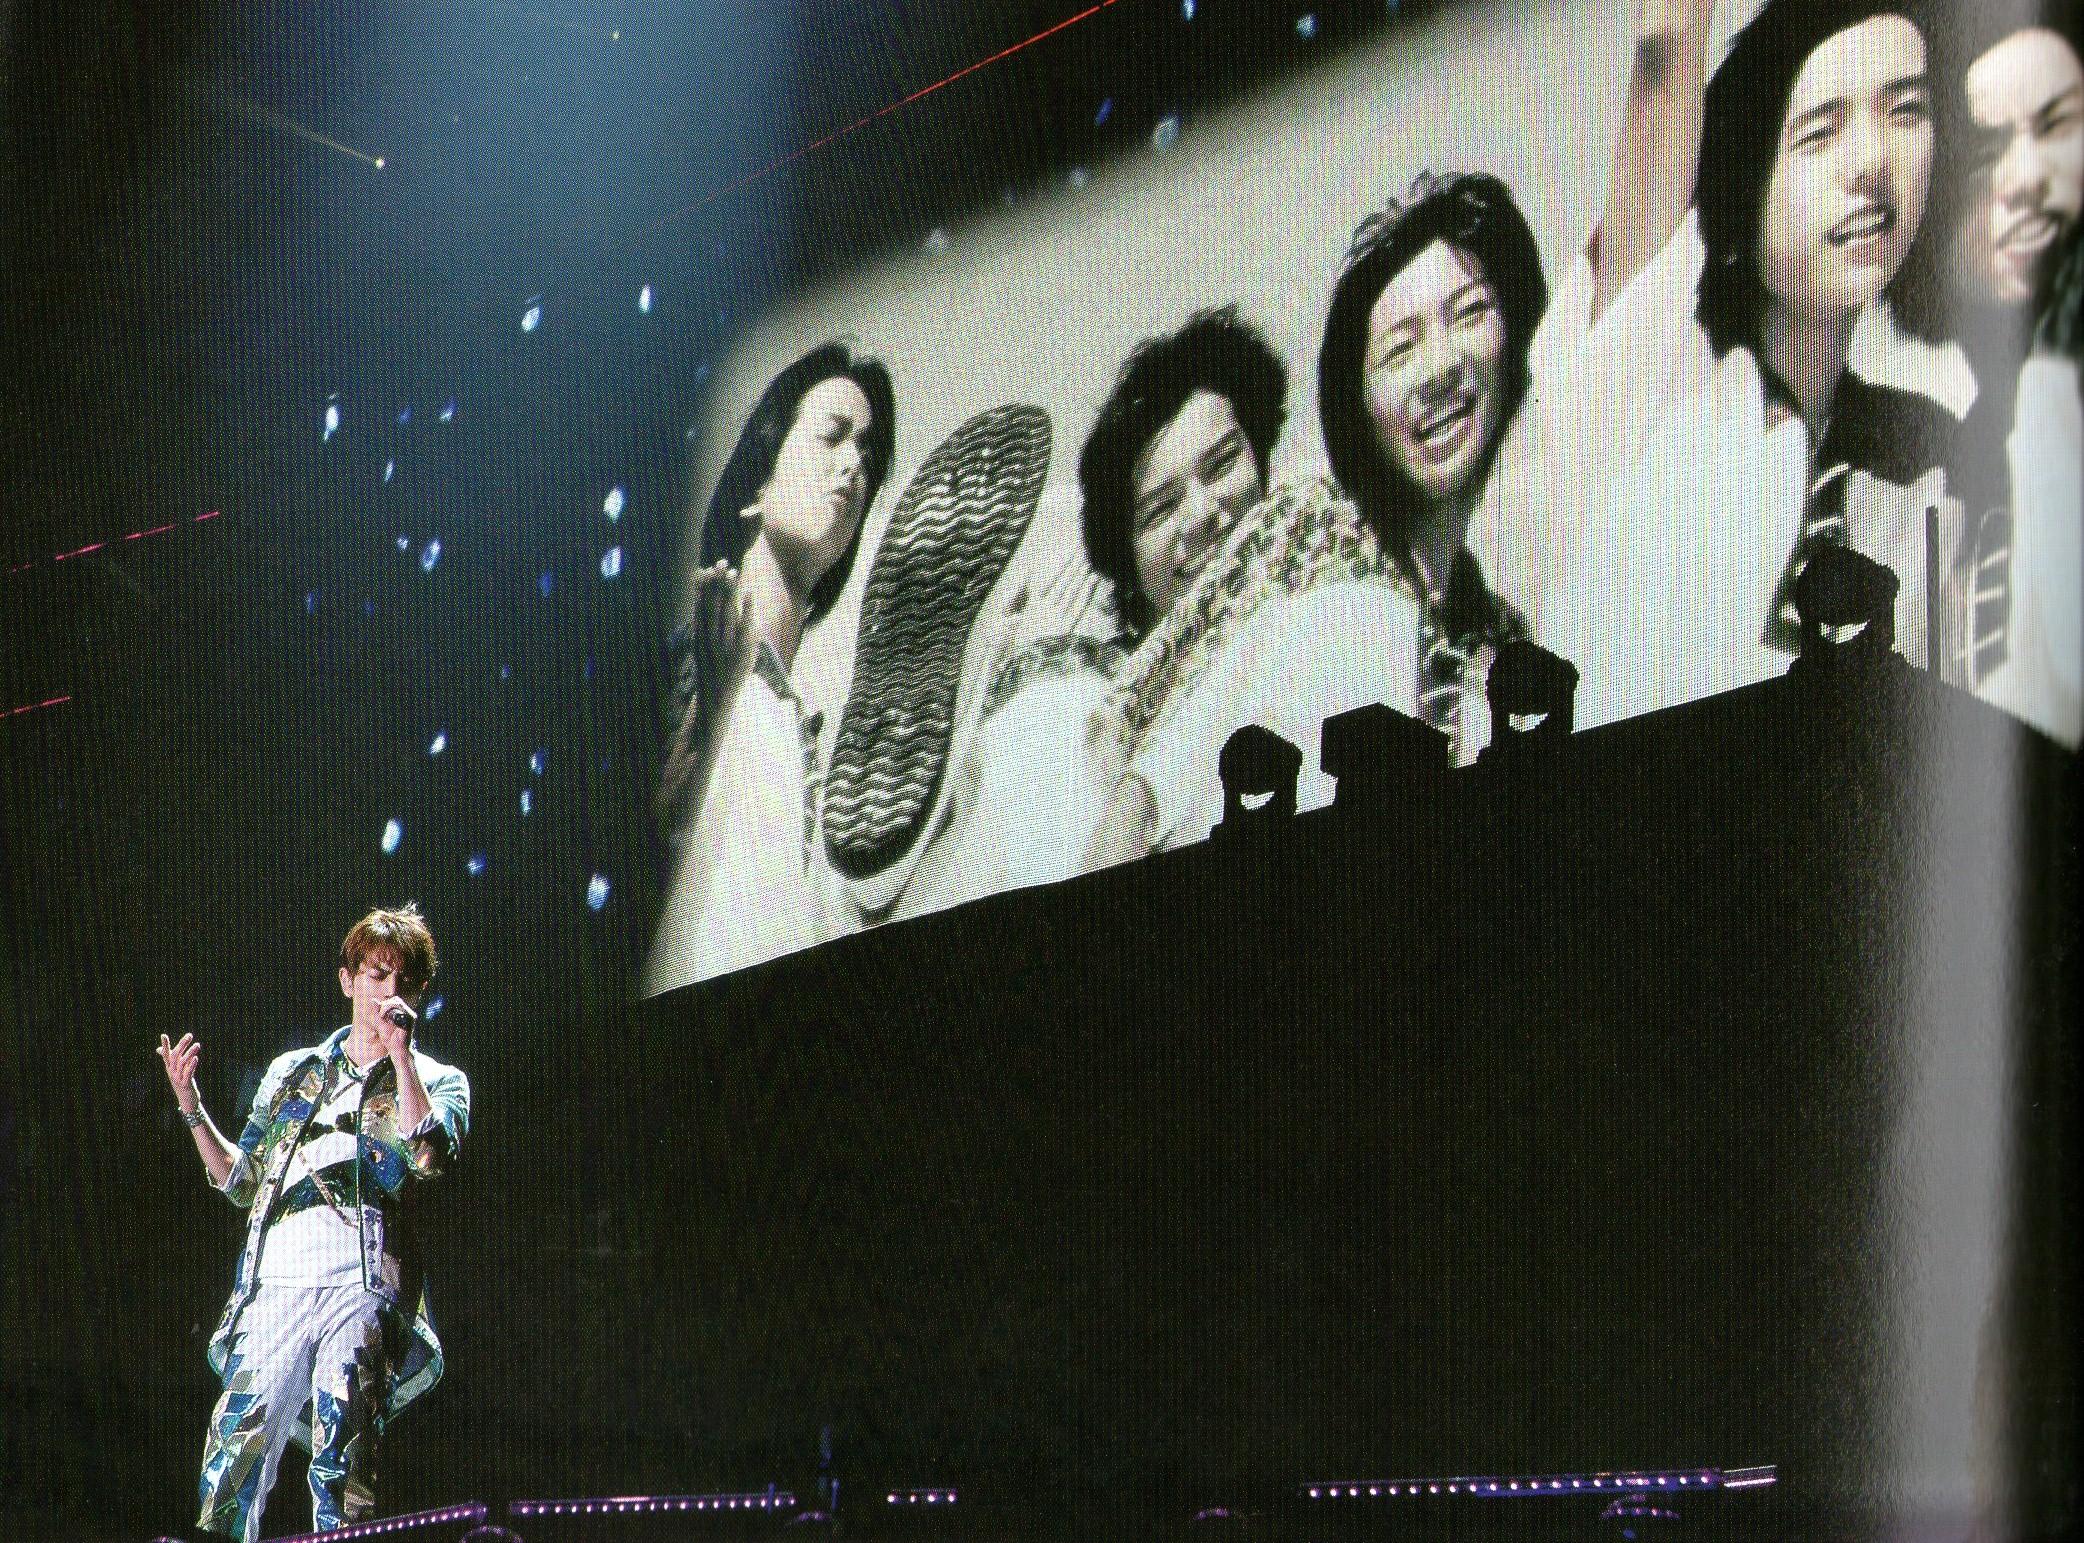 scans] Arashi - Japonism DVD Booklet: winkychan — LiveJournal